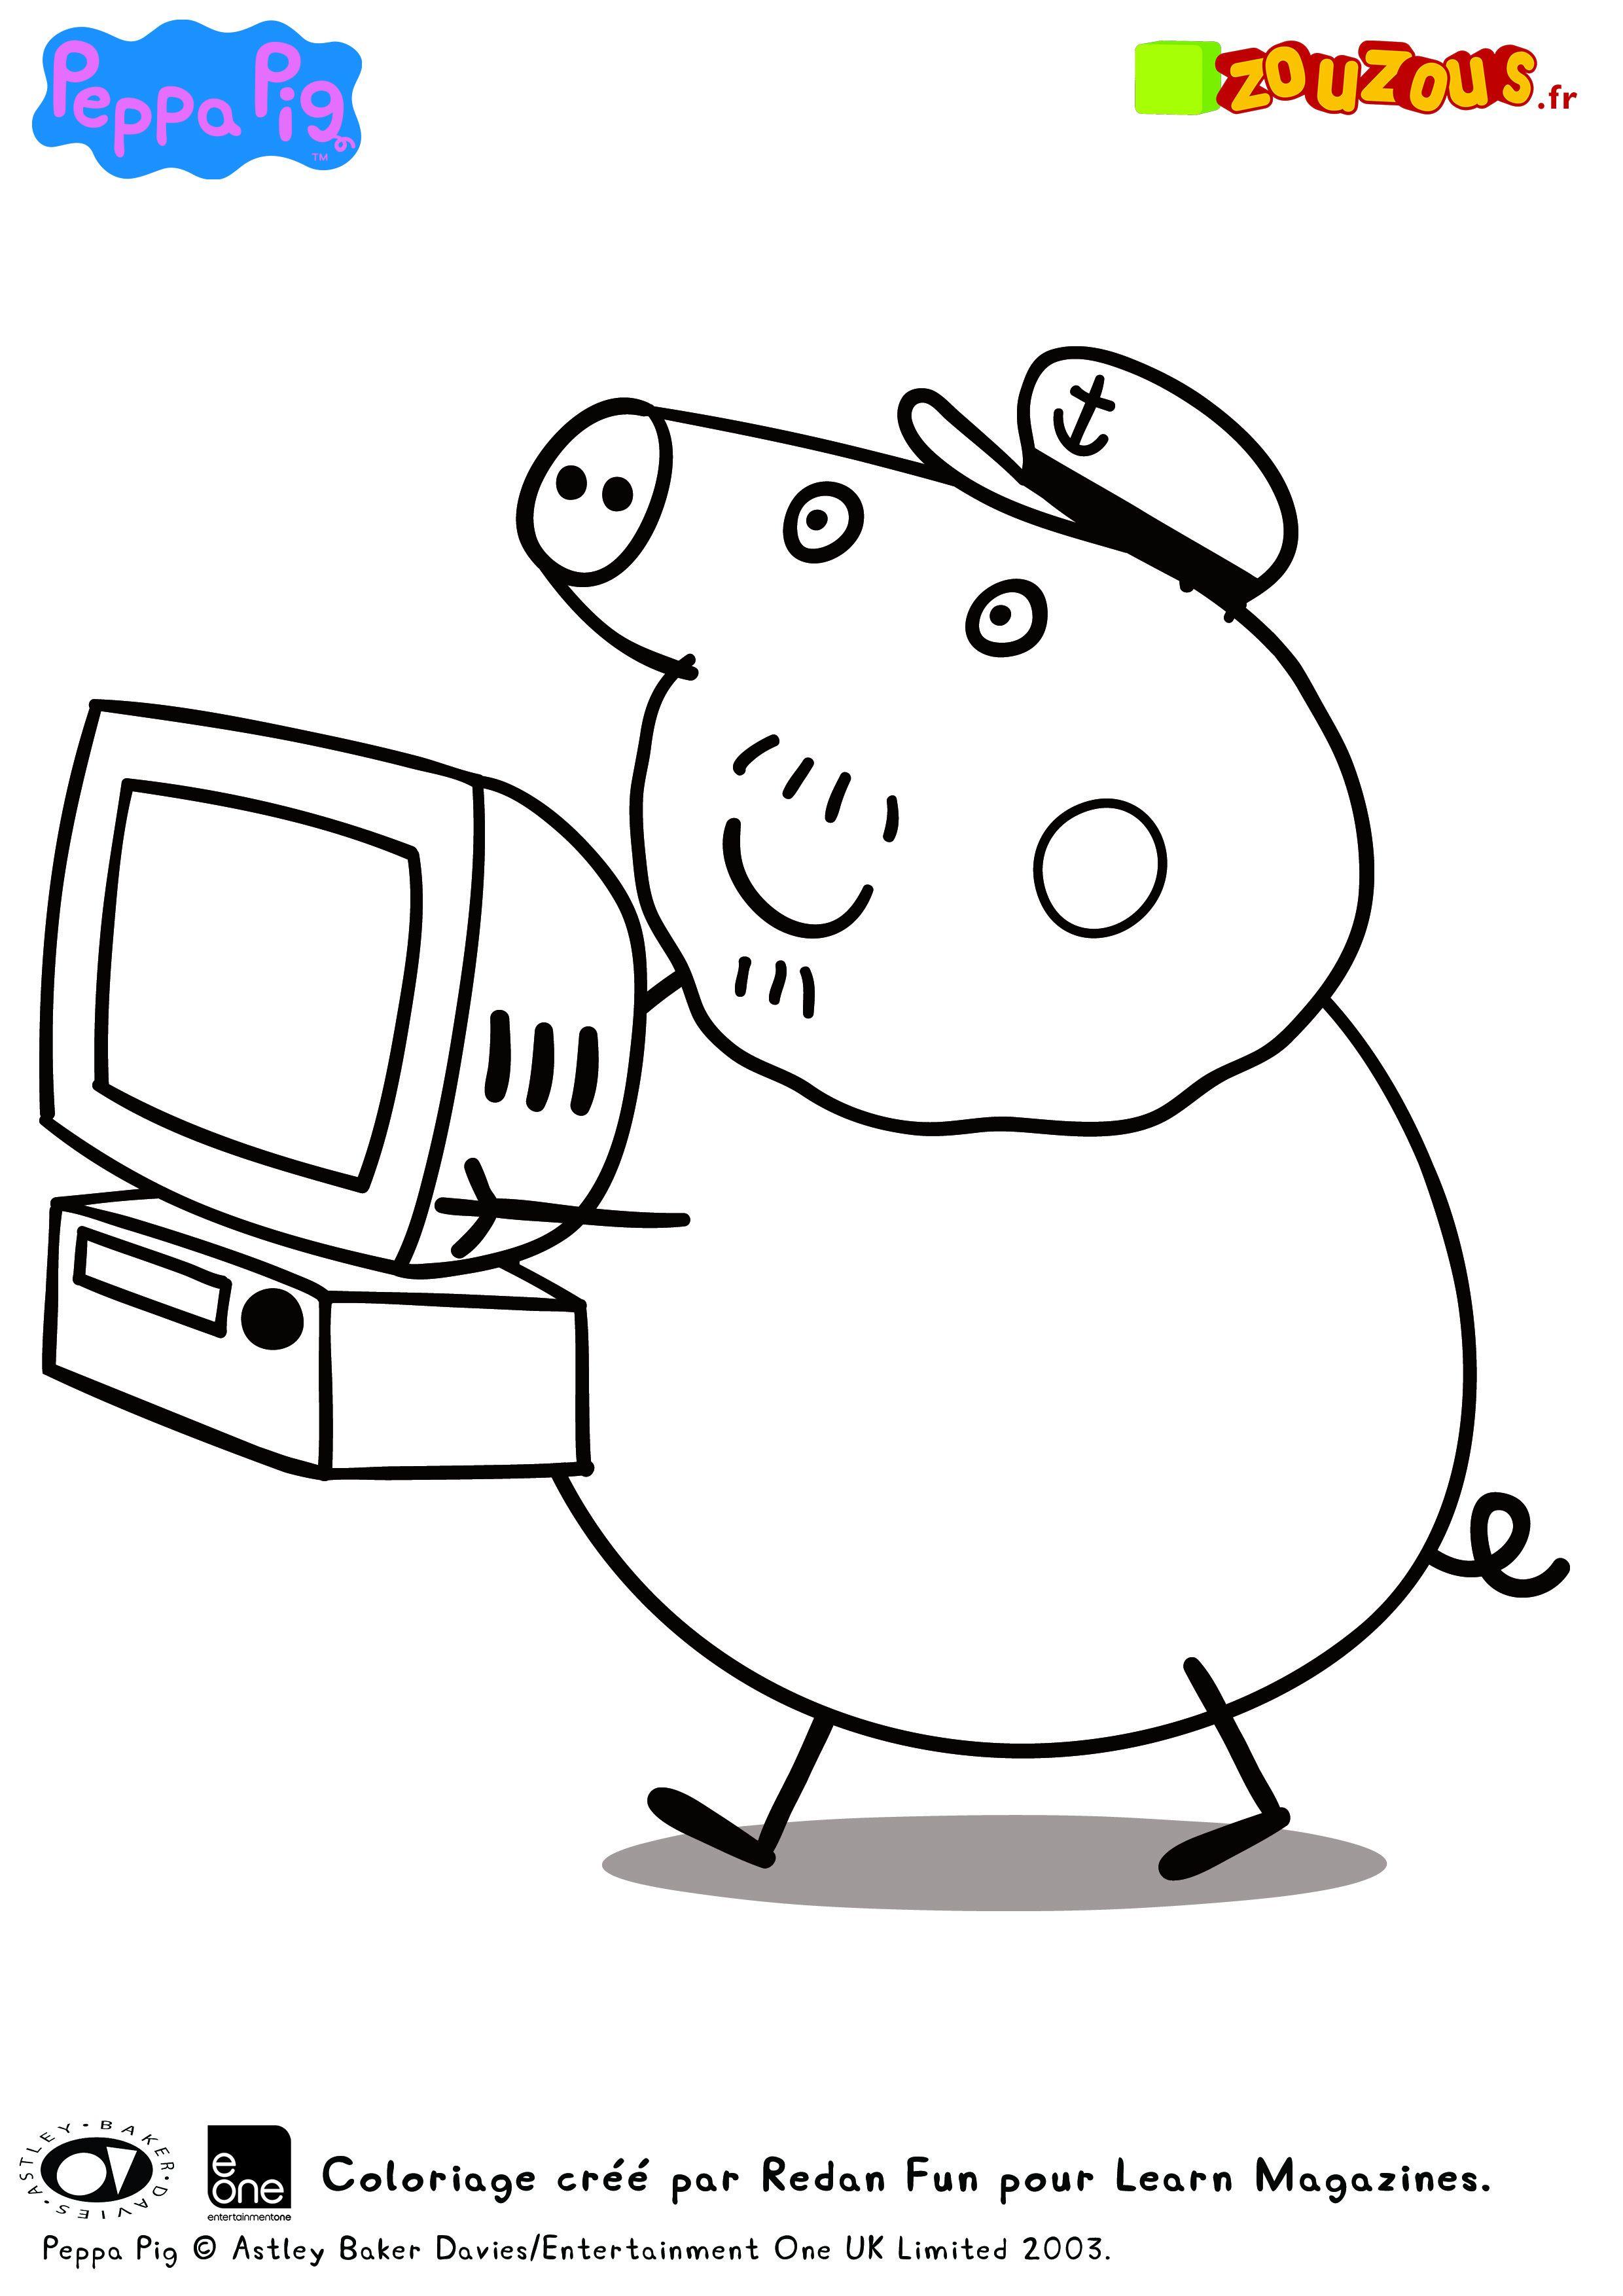 Les Coloriages De Peppa Pig Zouzous Dessins Animés Pour